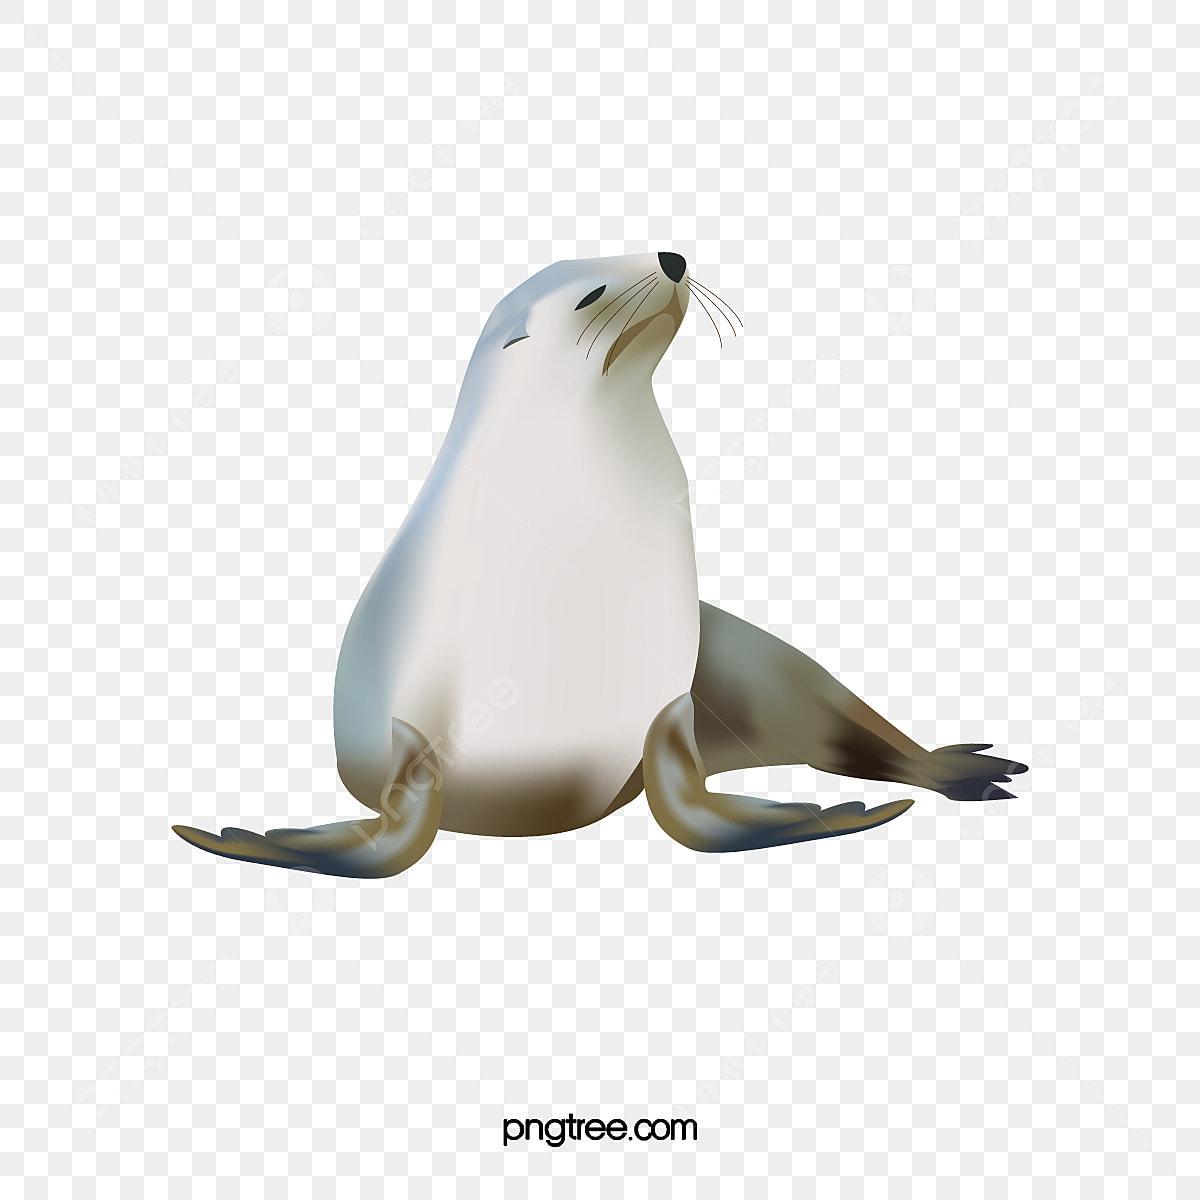 無料ダウンロードのための手描きアザラシ 手描き アザラシ 動物 Png画像